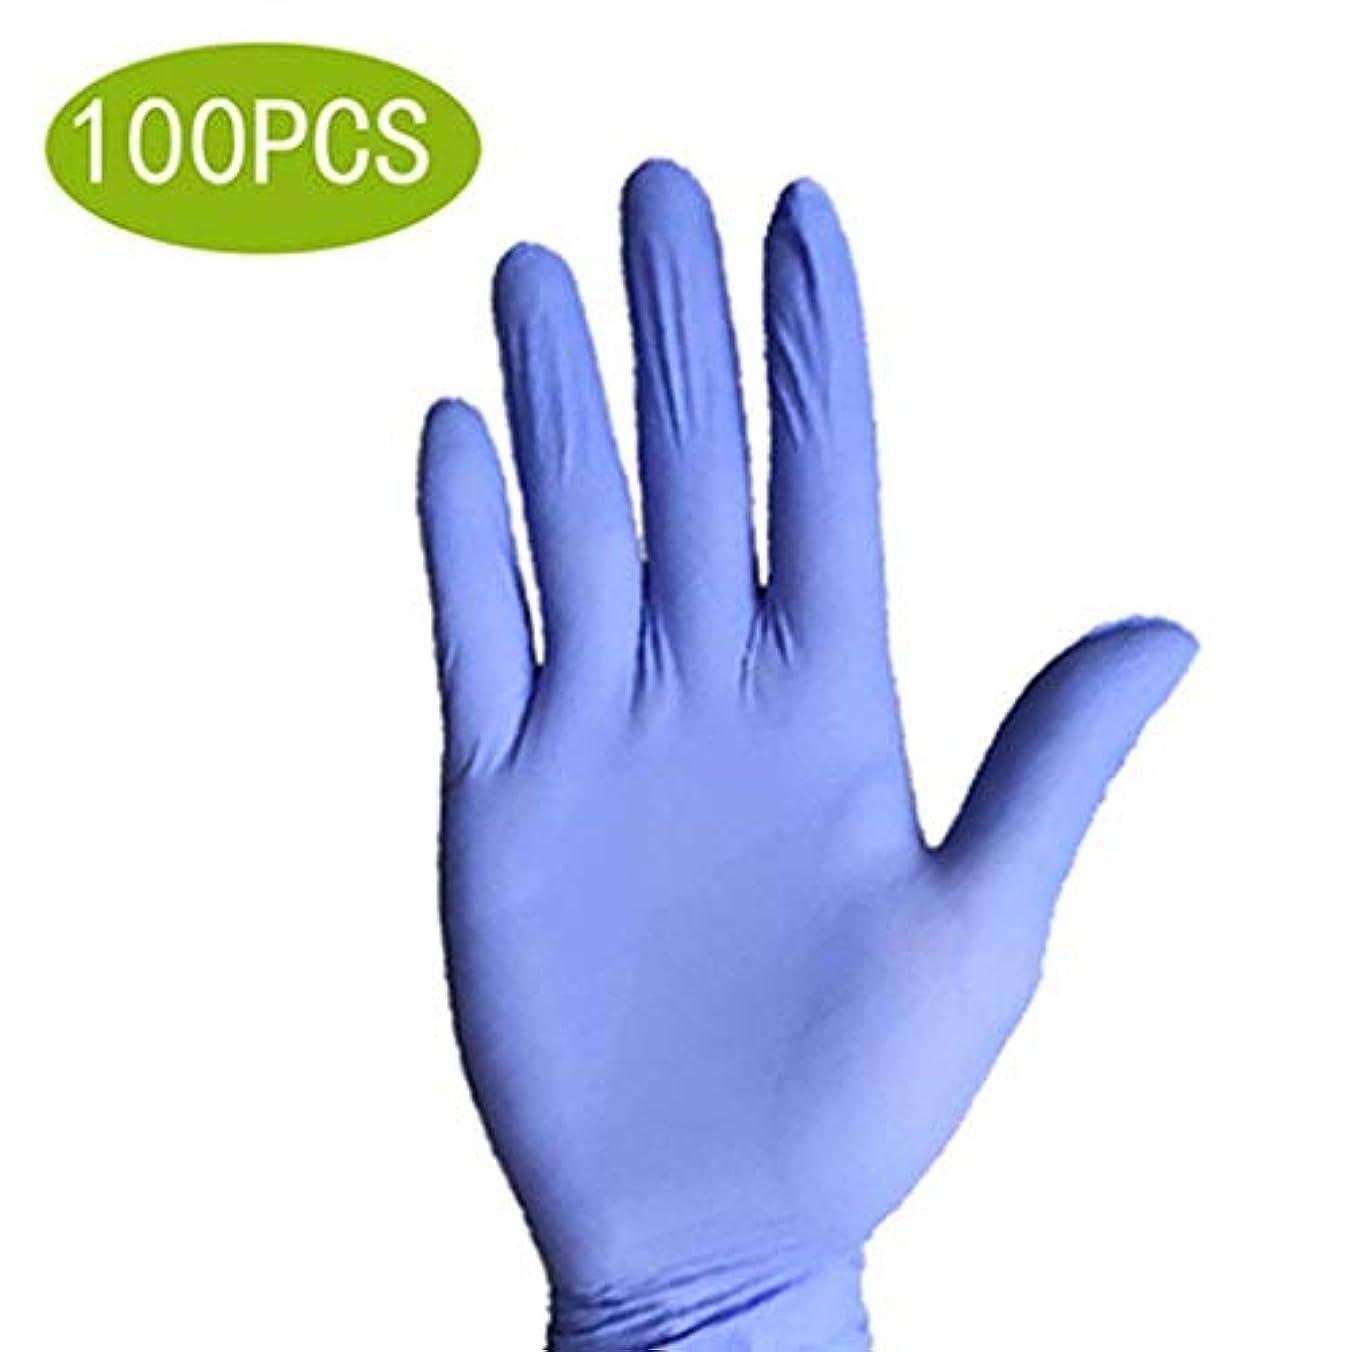 軽逸話仕立て屋保護用使い捨てニトリル医療用手袋、ラテックスフリー、試験グレードの手袋、テクスチャード加工、両性、非滅菌、100個入り (Size : L)